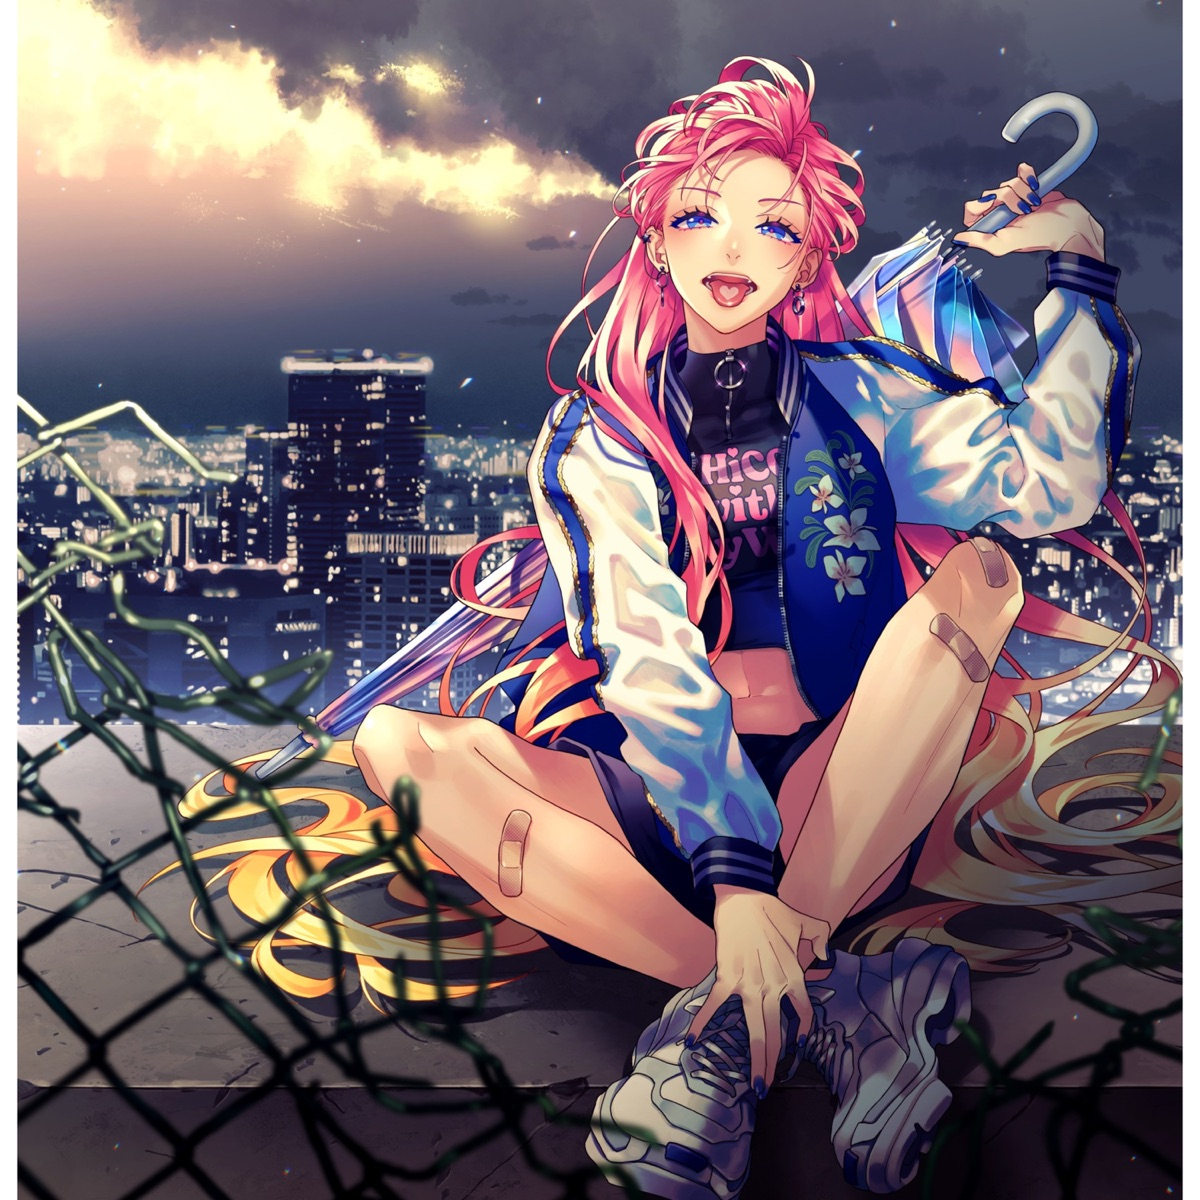 Cover image of『CHiCO with HoneyWorksGamushara』from the Album『Gamushara』